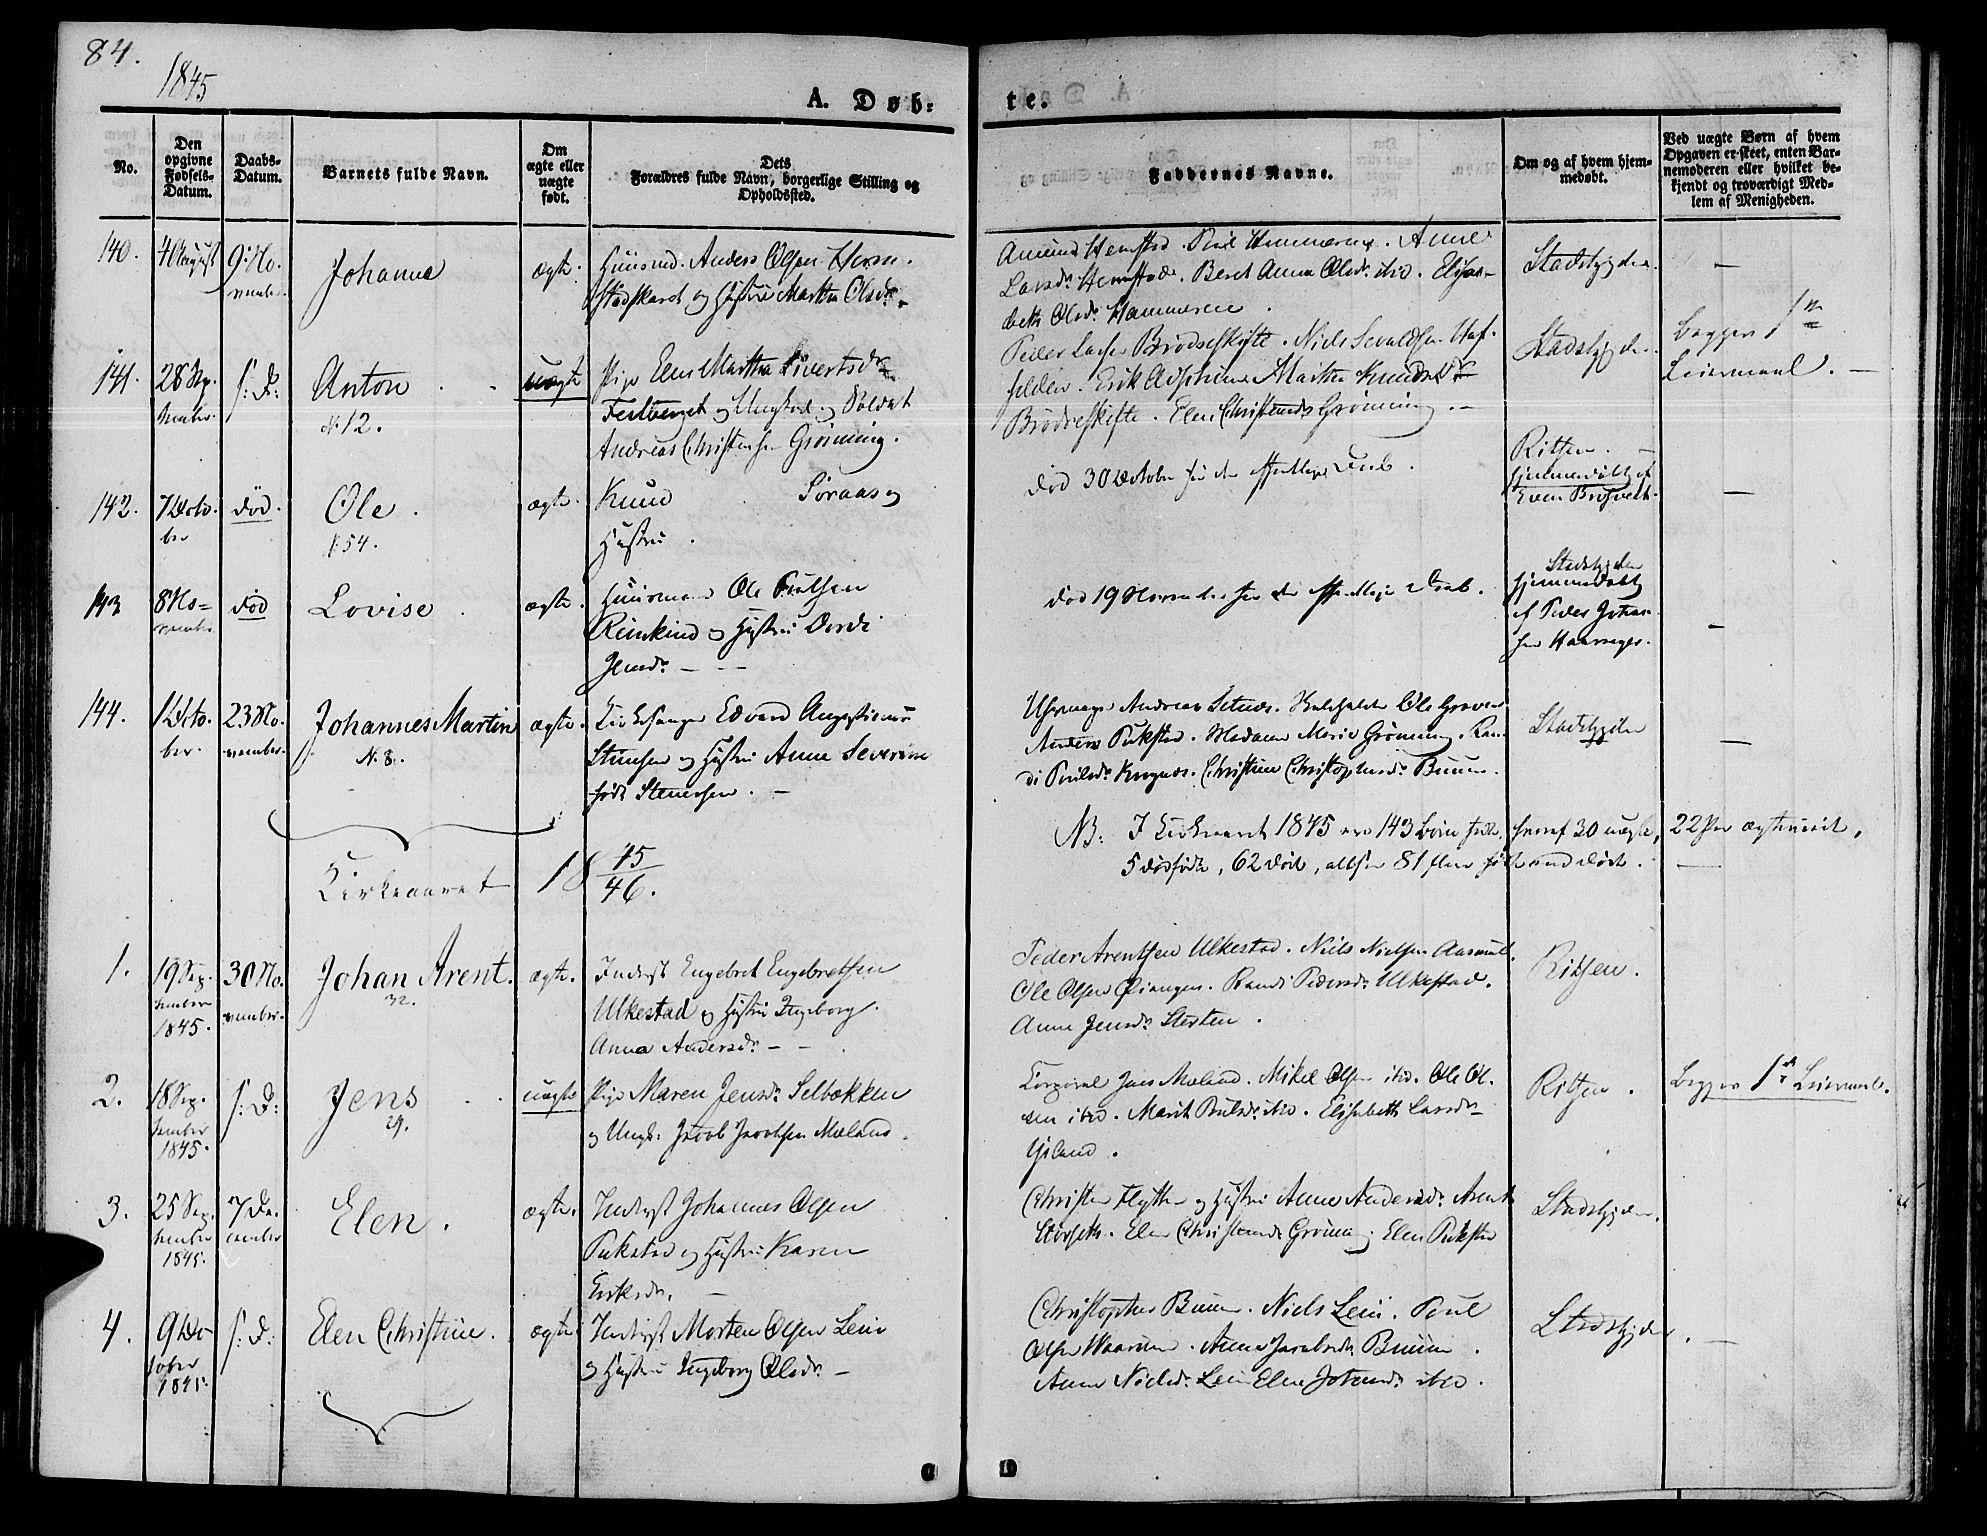 SAT, Ministerialprotokoller, klokkerbøker og fødselsregistre - Sør-Trøndelag, 646/L0610: Ministerialbok nr. 646A08, 1837-1847, s. 84